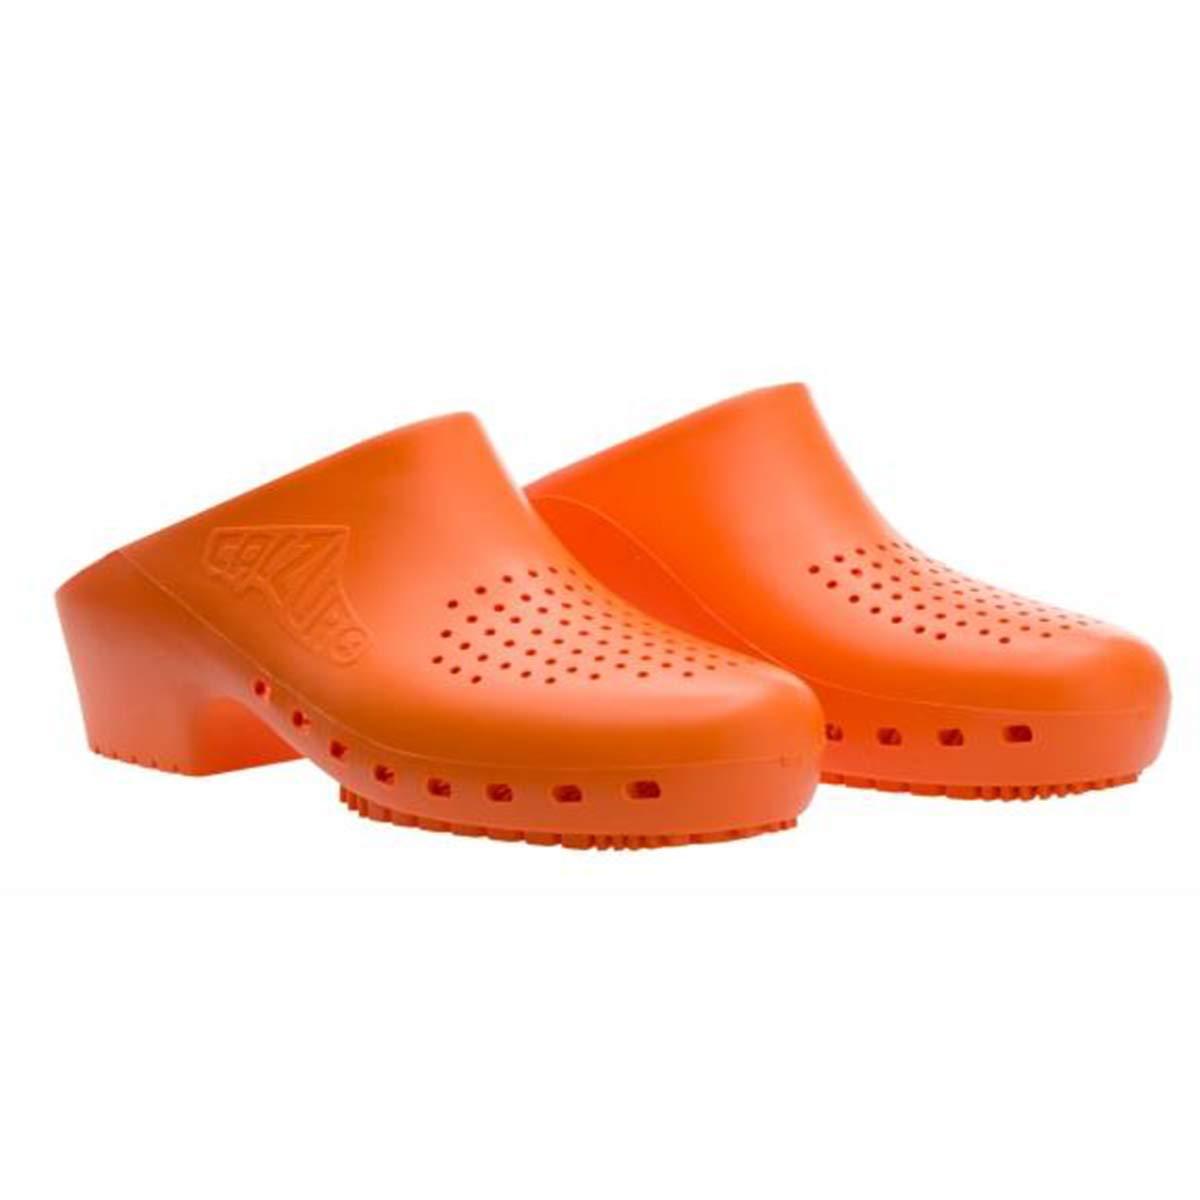 Cascos sanitarios calzuro S Classic con orificios profesionales CE 42-43 Granato